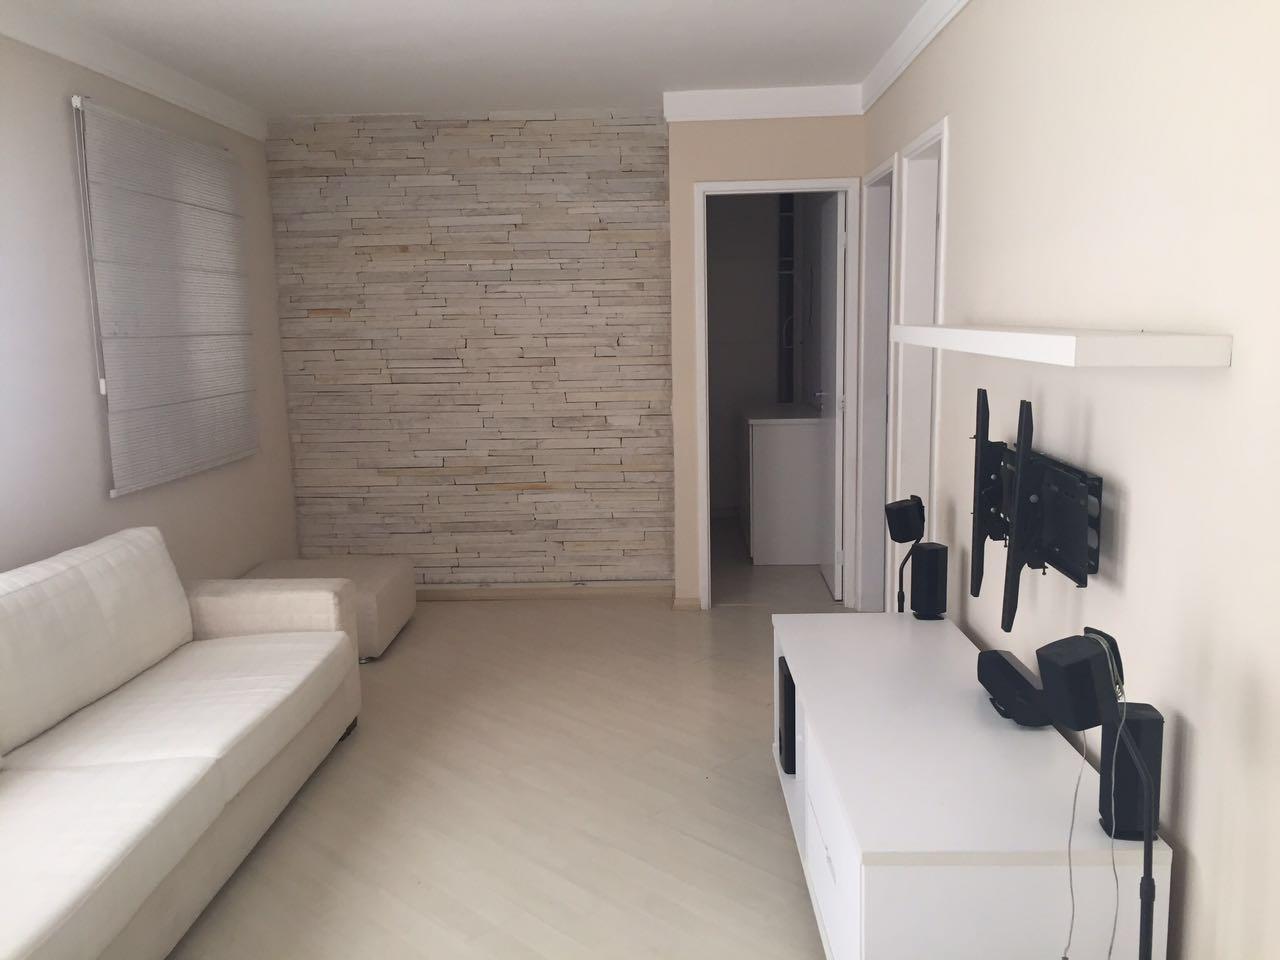 Soute Imóveis - Apto 2 Dorm, Vila das Bandeiras - Foto 2